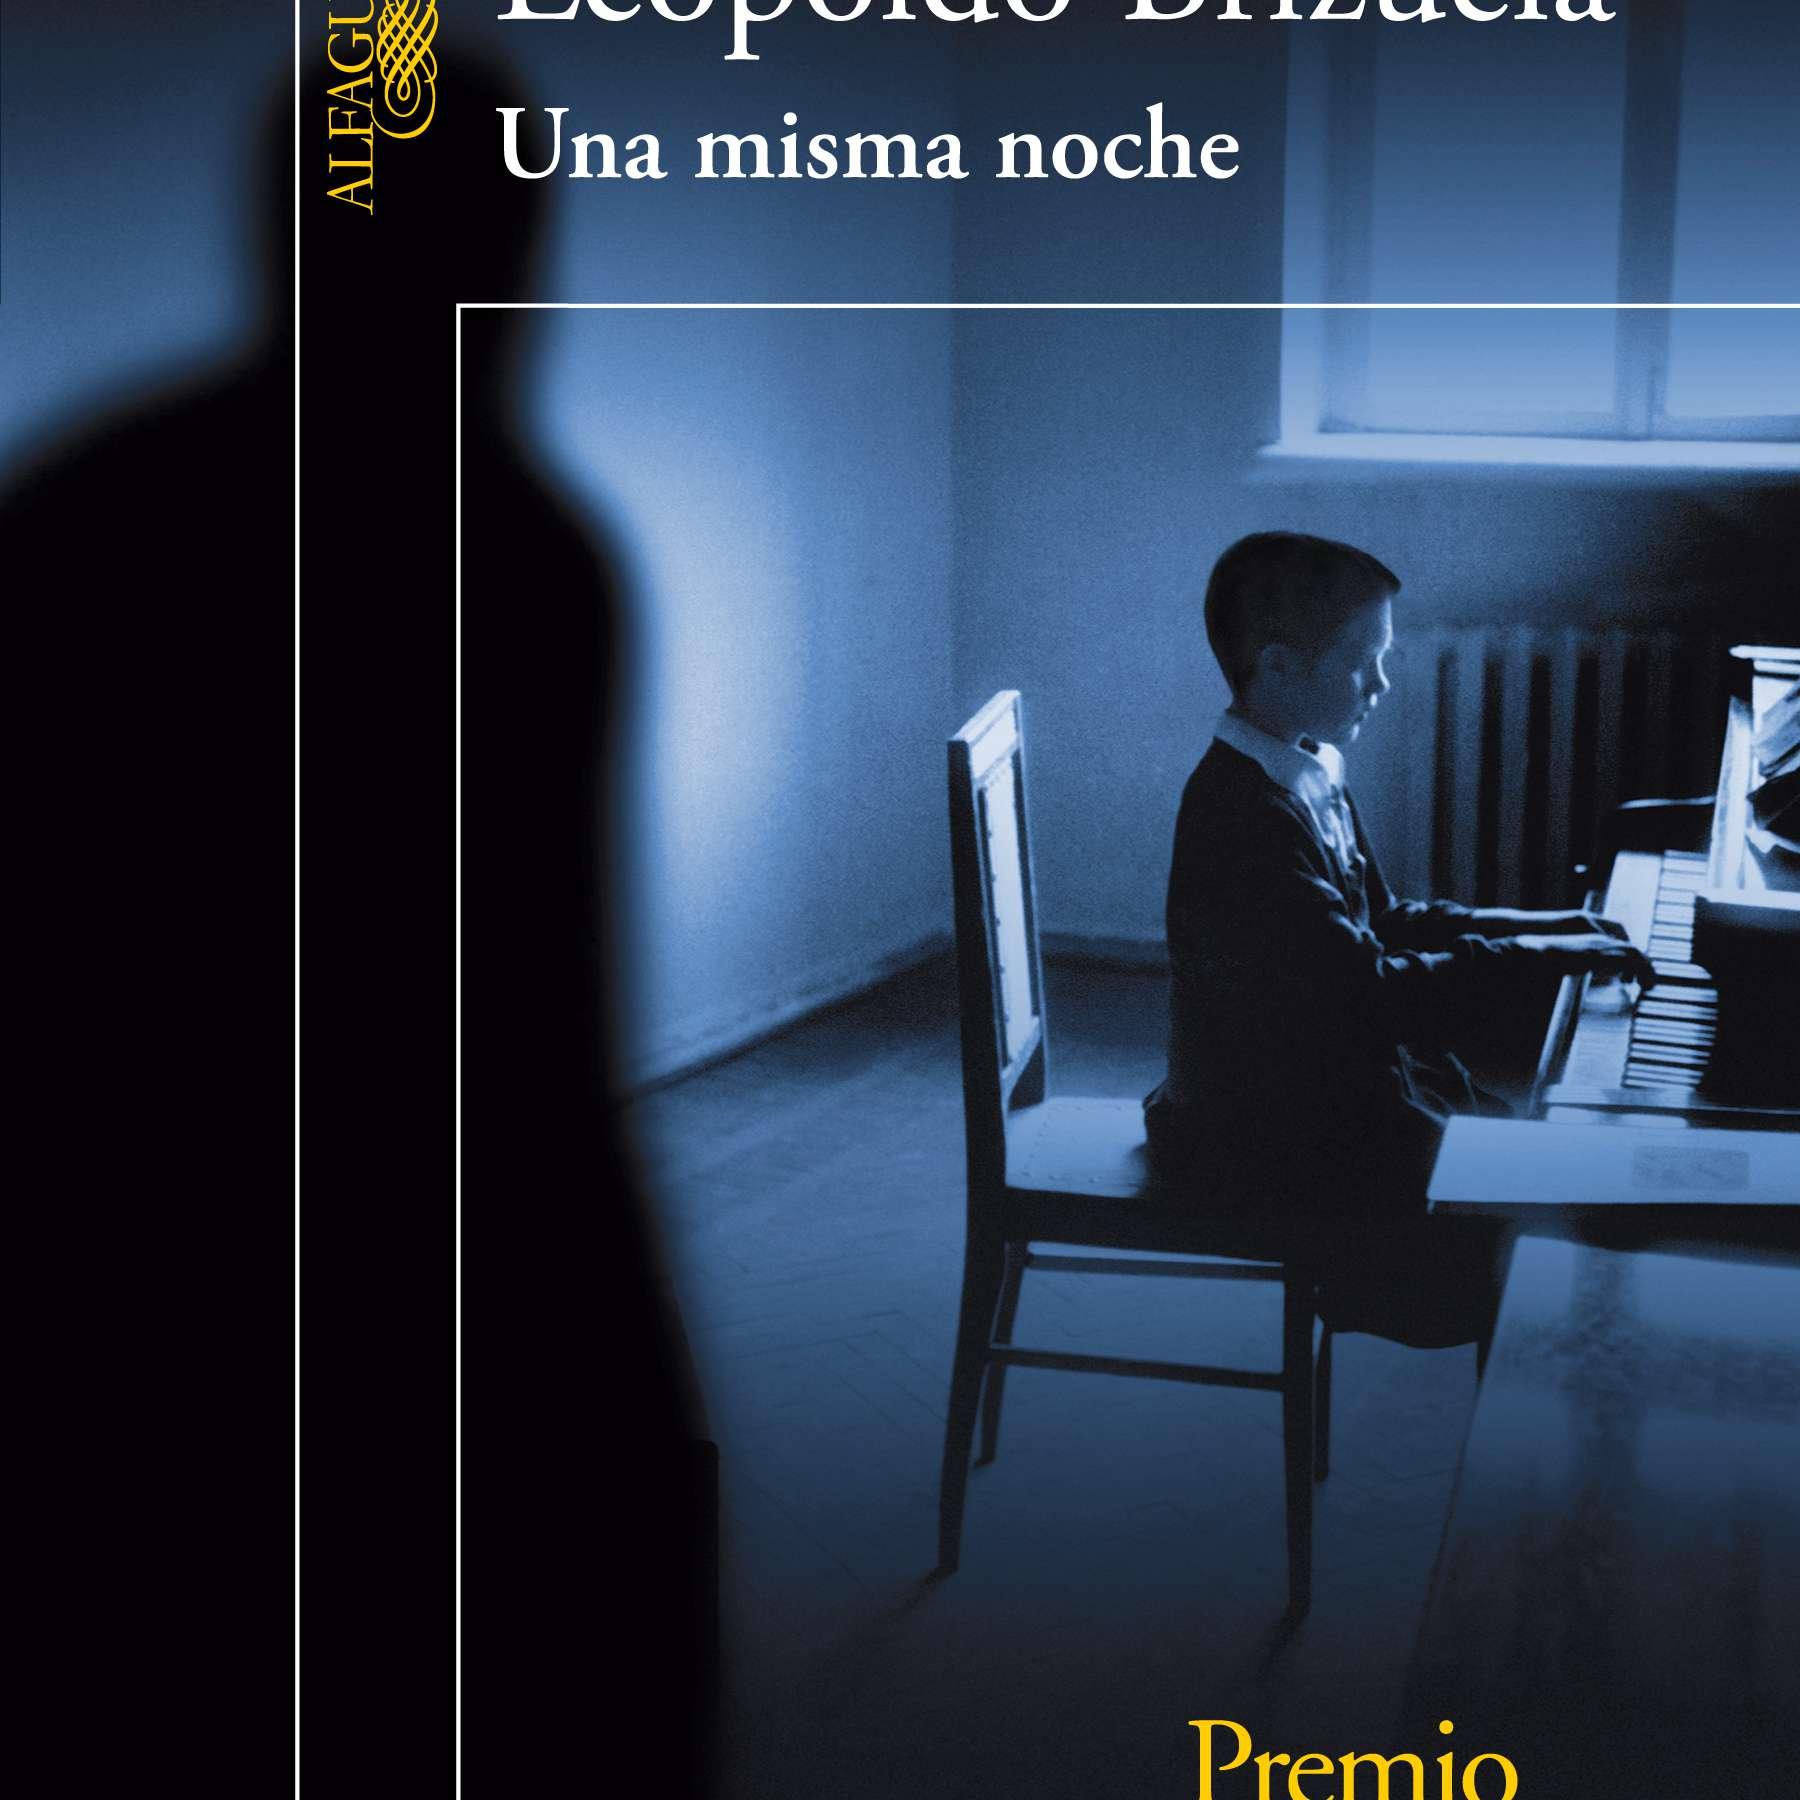 Una misma noche de Leopoldo Brizuela